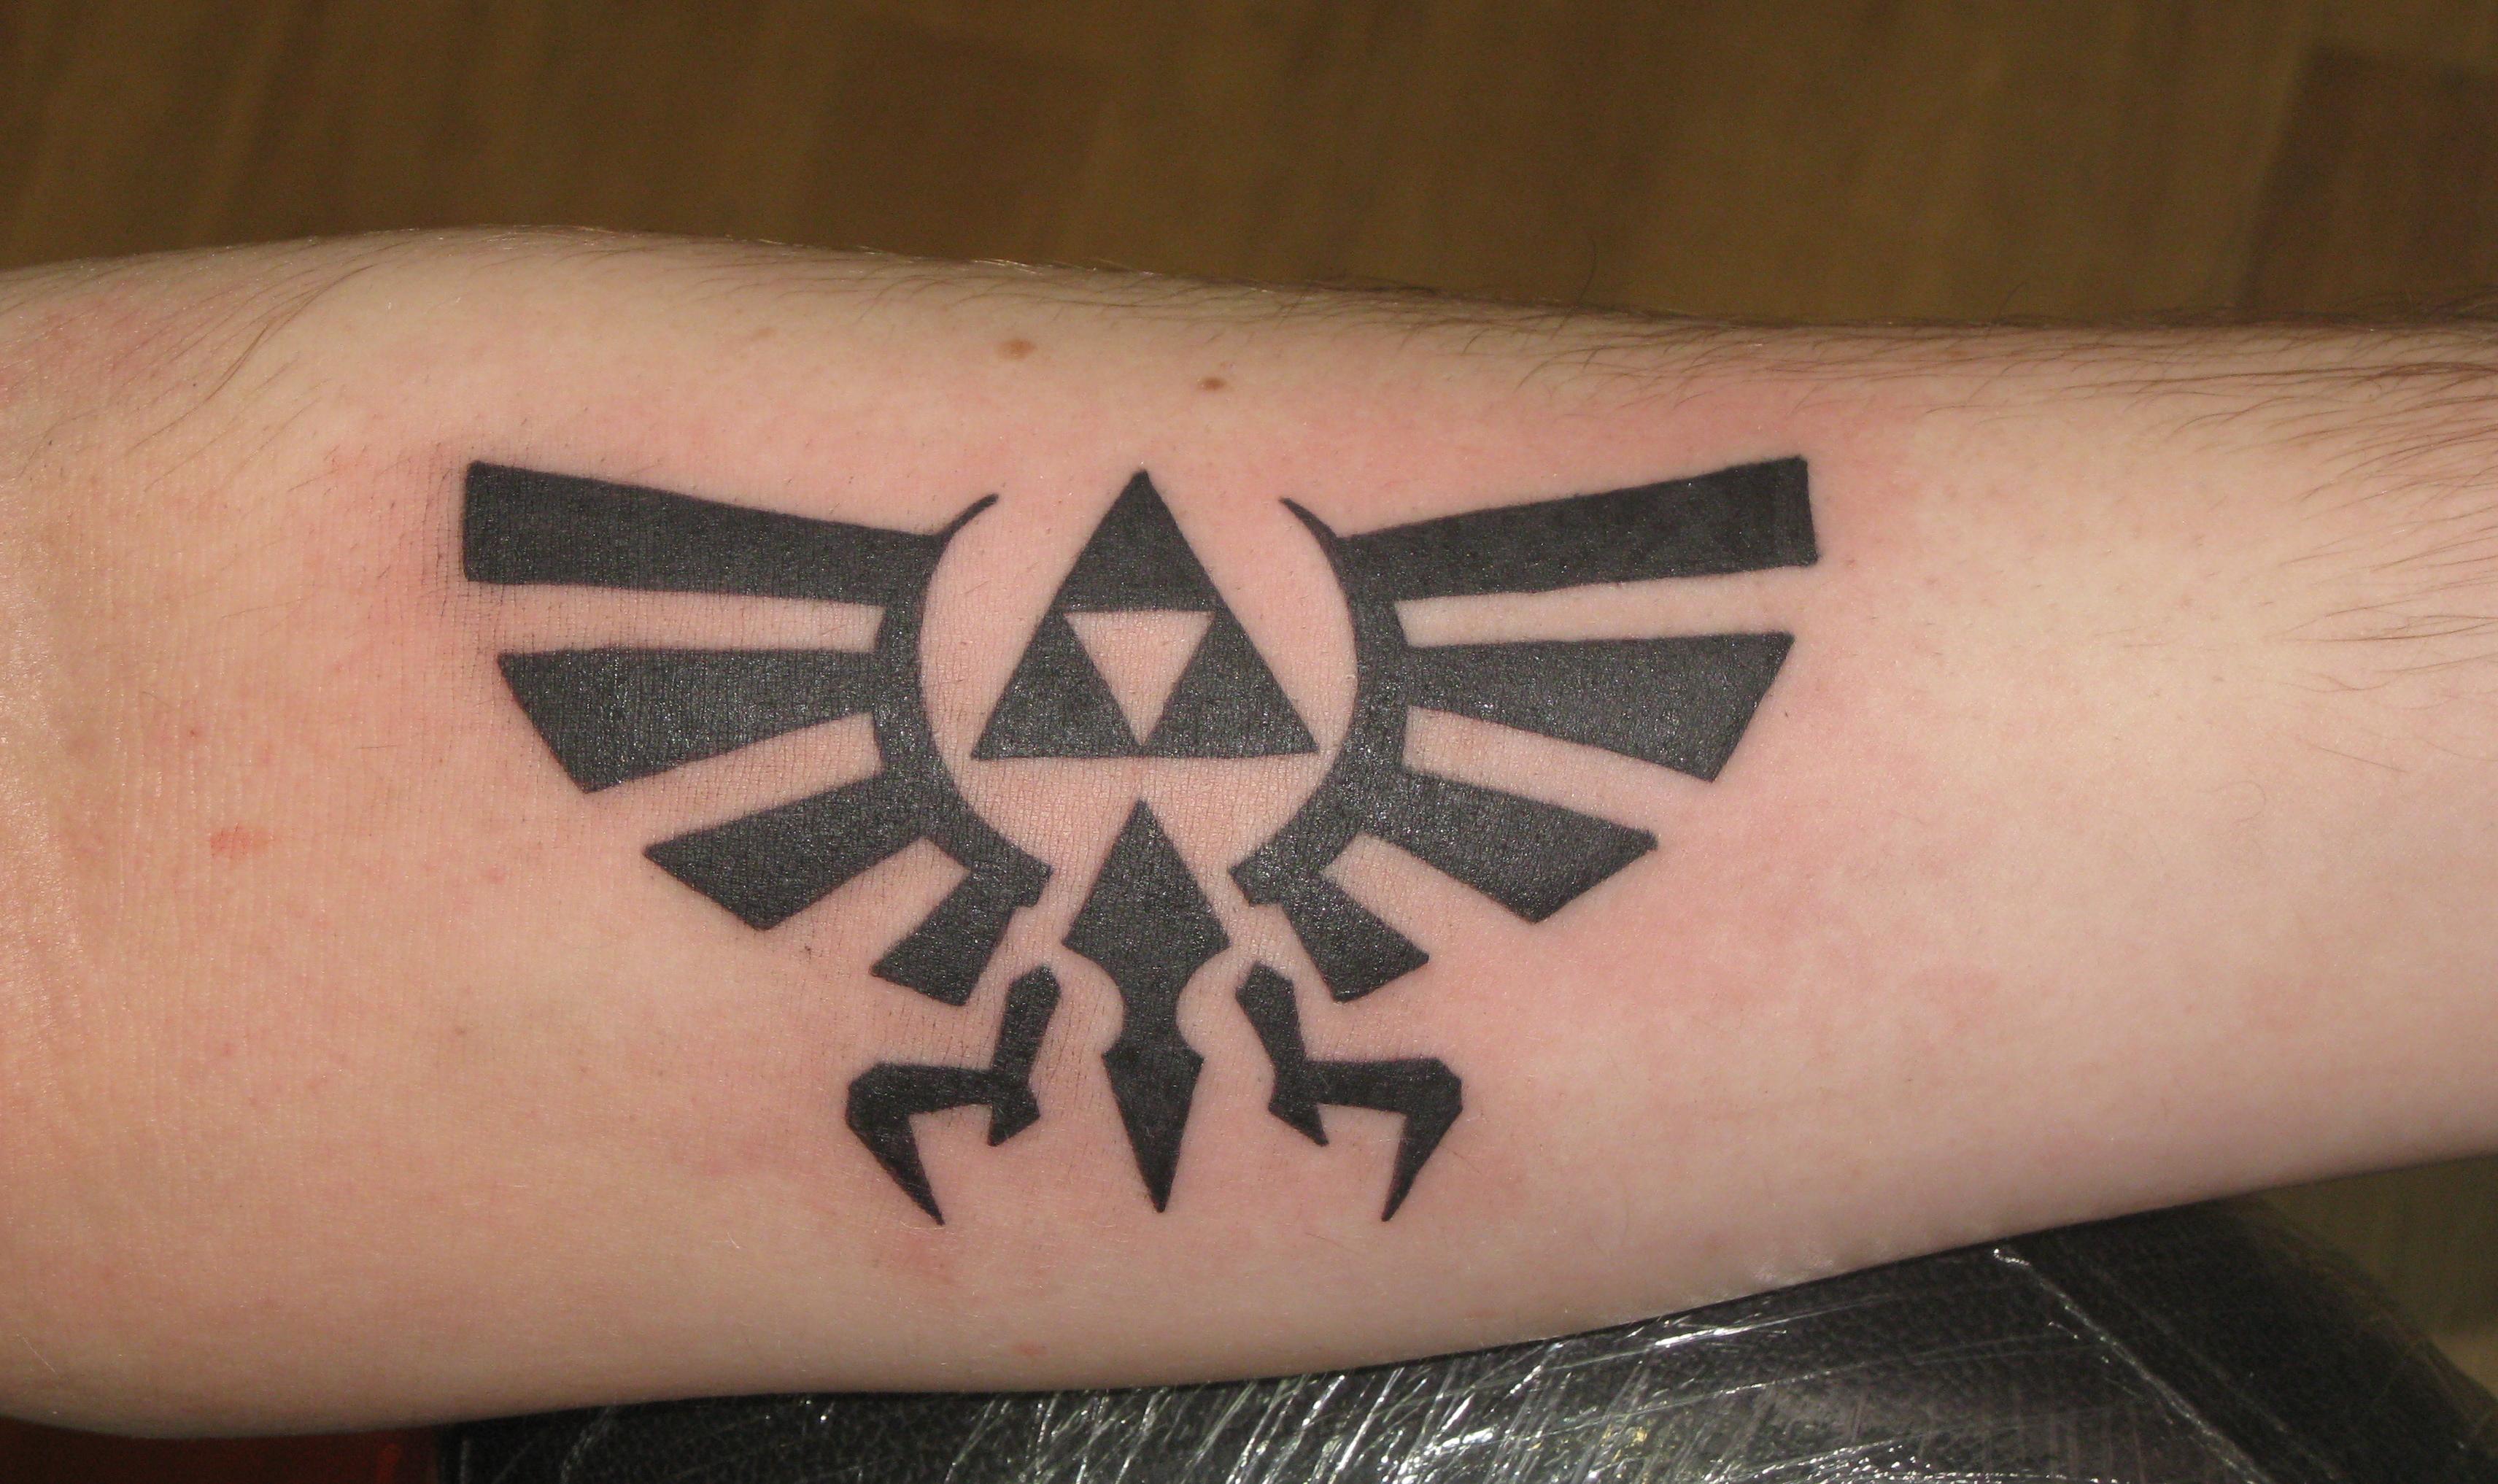 Tattoo Designs: IRISH ST TATTOO